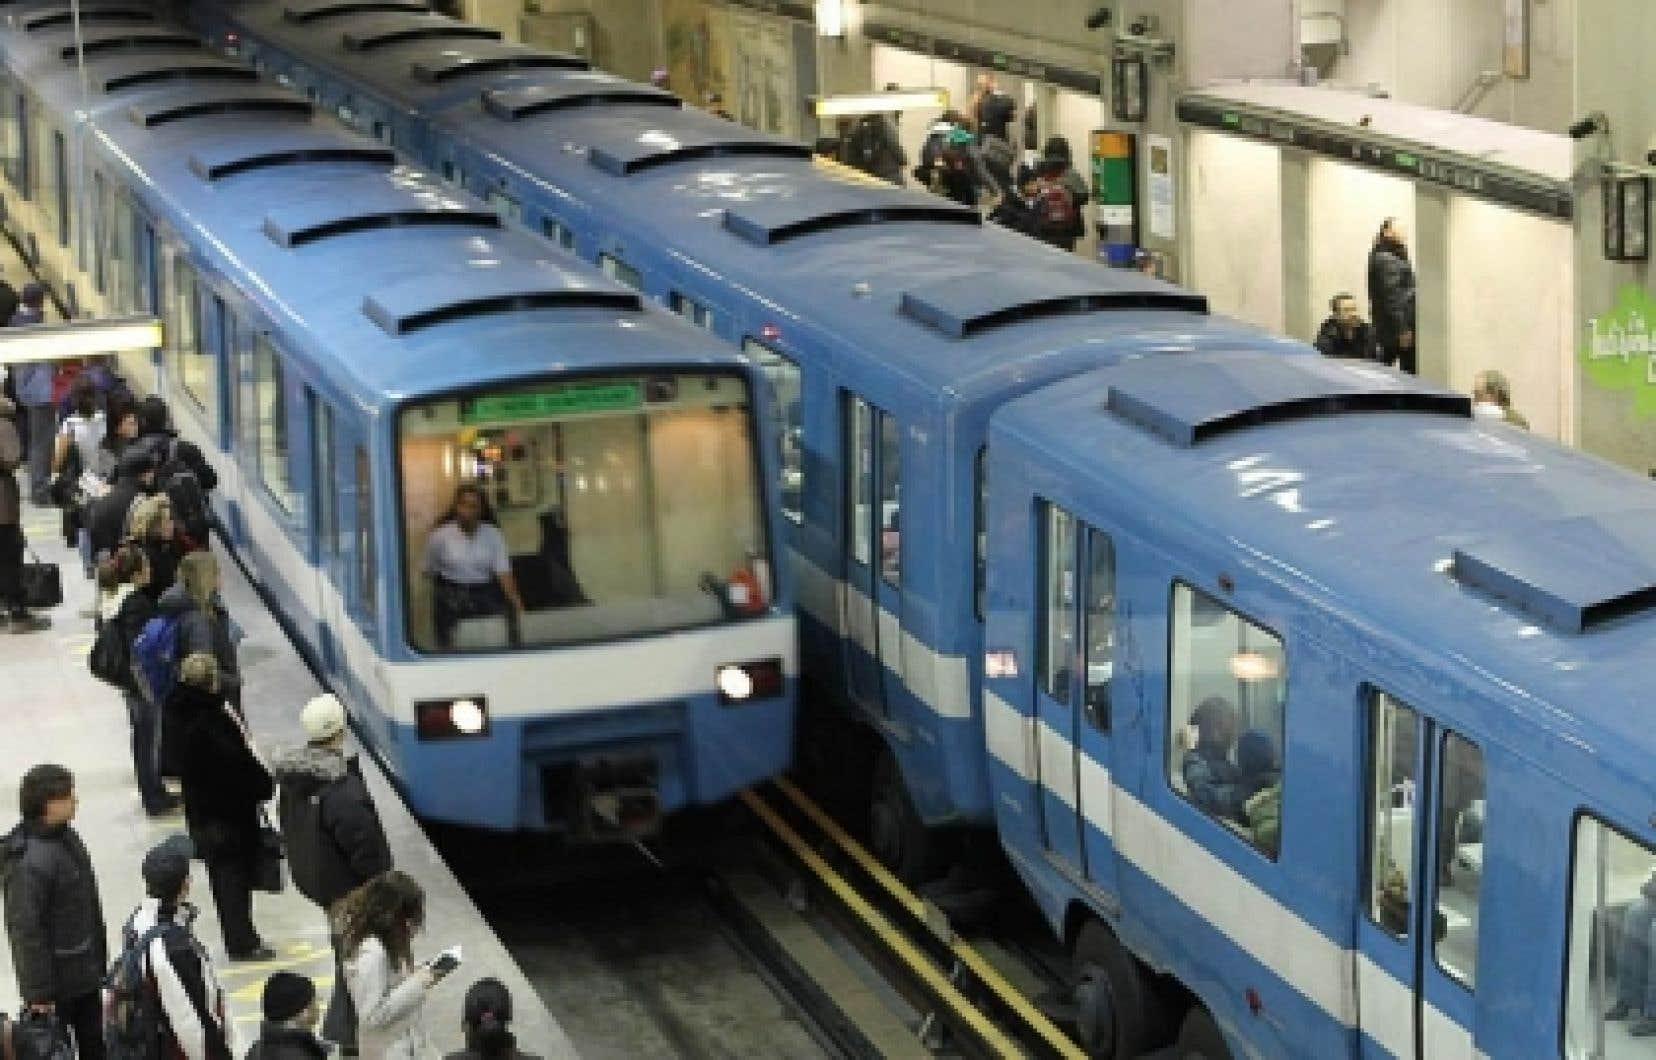 Le lancement d'un nouvel appel d'offres international pour le métro de Montréal signifie que d'autres joueurs que CAF, Bombardier et Alstom pourraient se lancer dans la course.